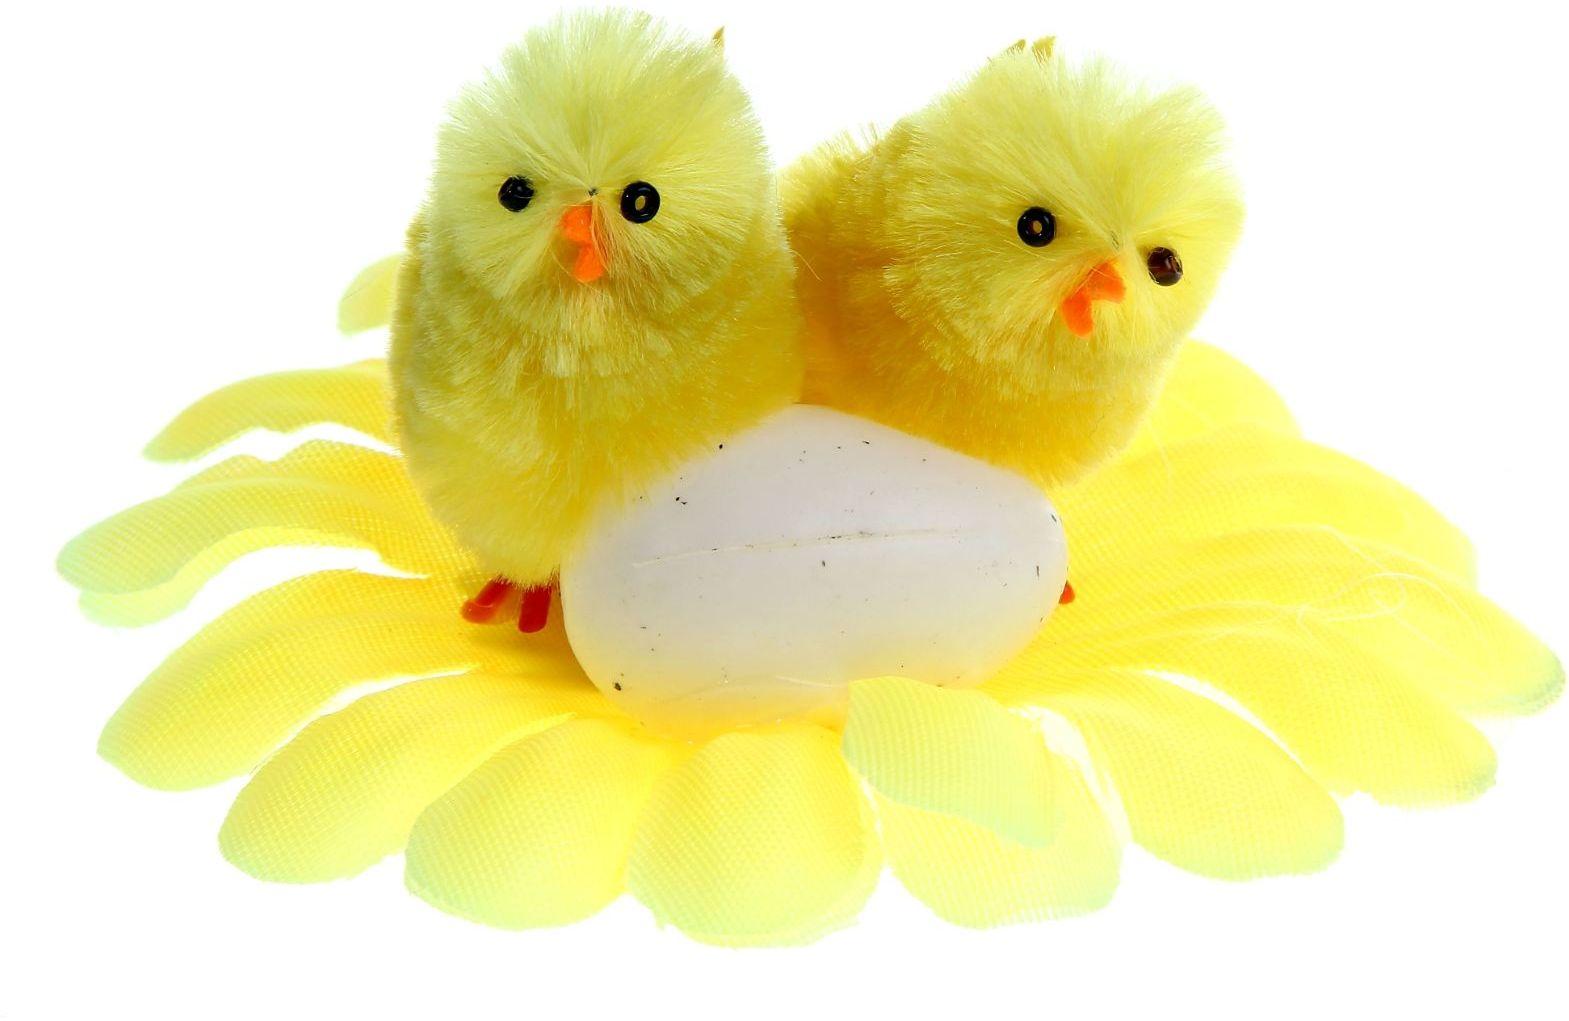 Сувенир пасхальный Sima-land Парочка с яйцом на цветке, 9 х 9 х 5 см10850/1W GOLD IVORYСувенир Парочка с яйцом на цветке - самый популярный пасхальный декор. Фигурками цып принято декорировать праздничный пасхальный стол во многих странах мира. Россия не исключение.Вы можете украсить таким замечательным сувениром тарелку гостей, превратив её в гнездо. Или преподнести его в качестве подарка близкому человеку.